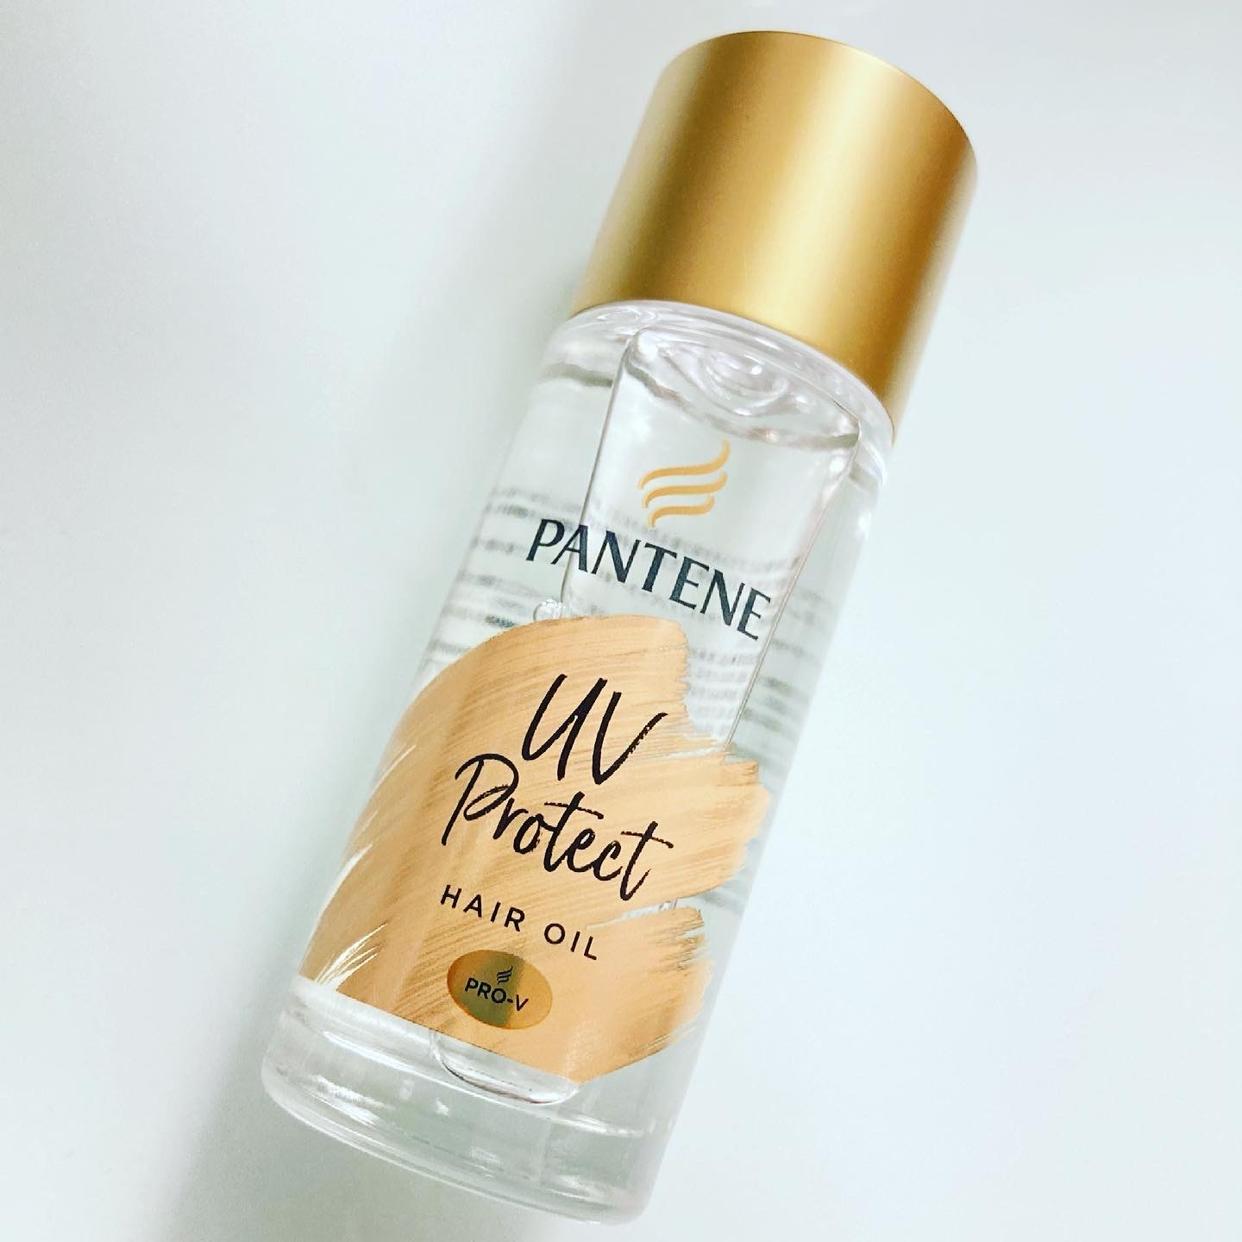 PANTENE(パンテーン)UVカット ヘアオイルを使ったmemiさんのクチコミ画像